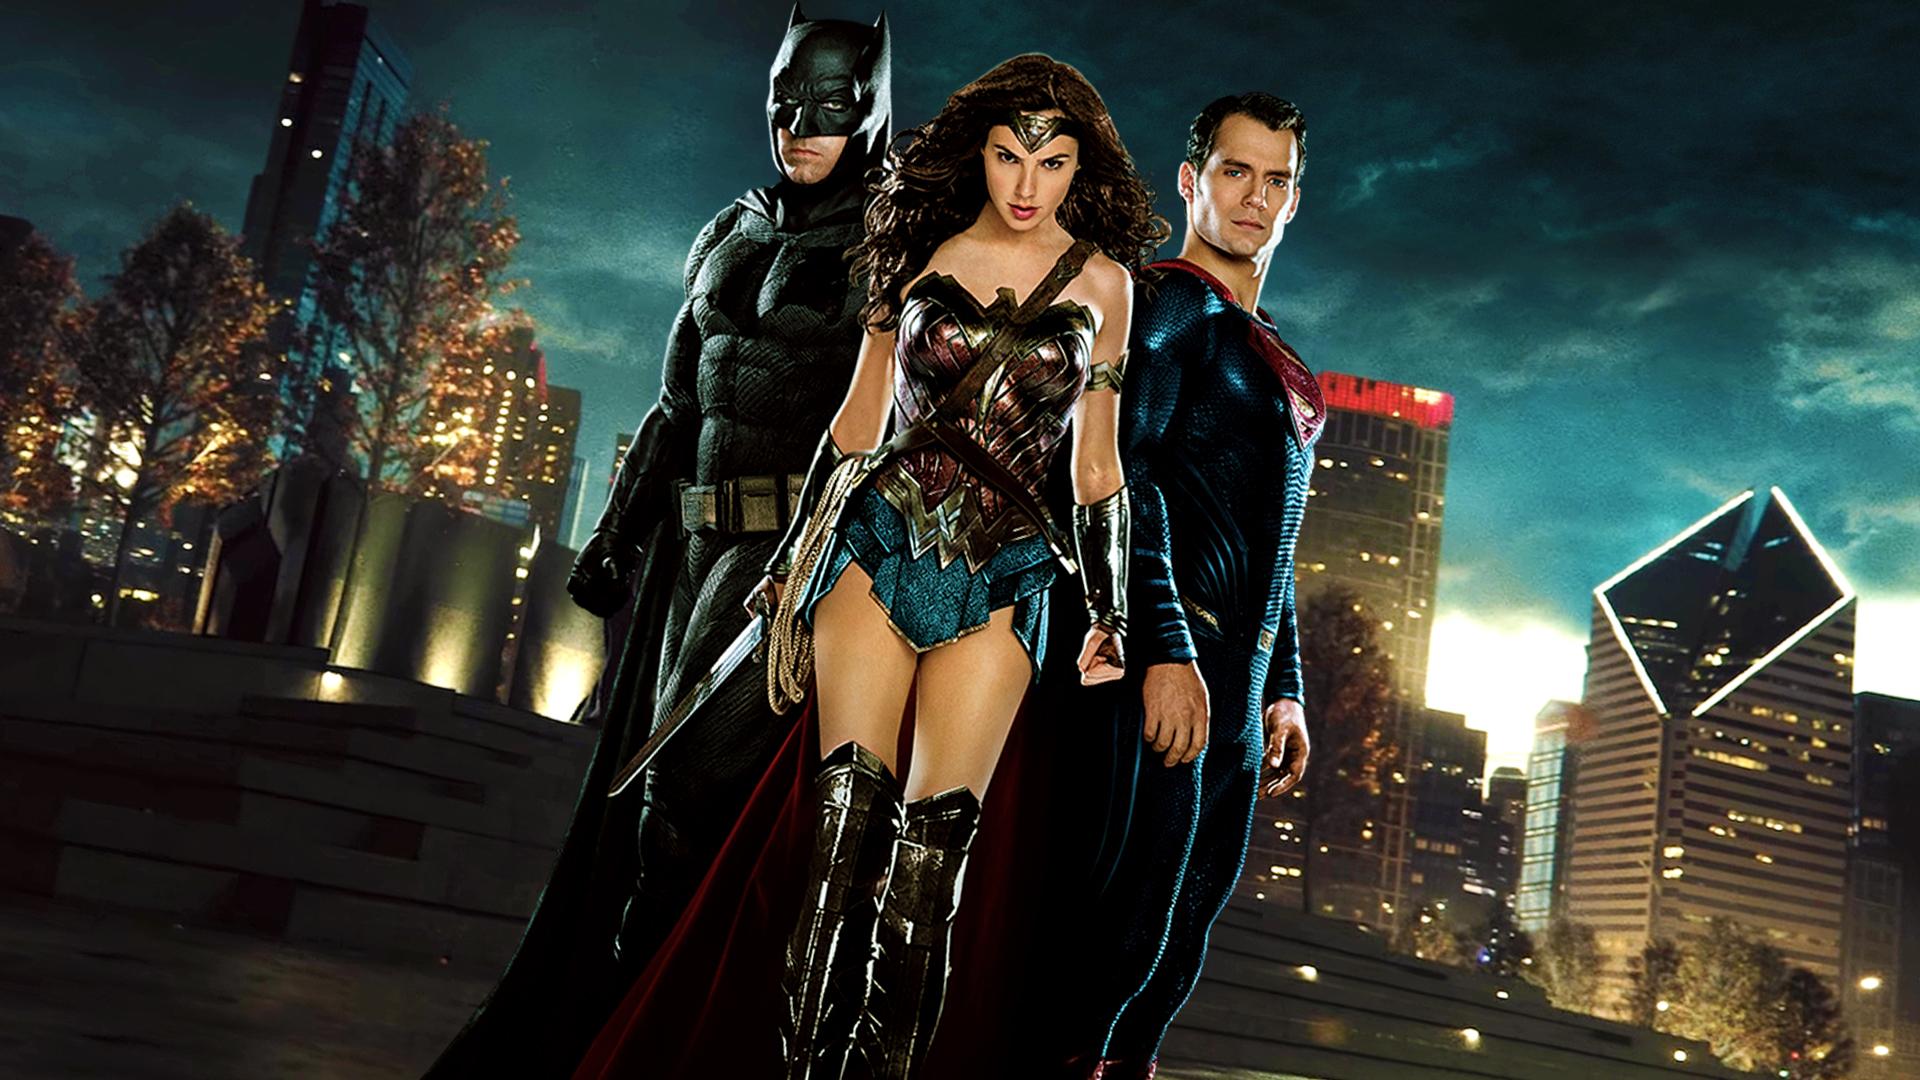 Batman-Vs-Superman-HD-Free-download-latest-Batman-Vs-Superman-HD-for-Compute-wallpaper-wpc5802535